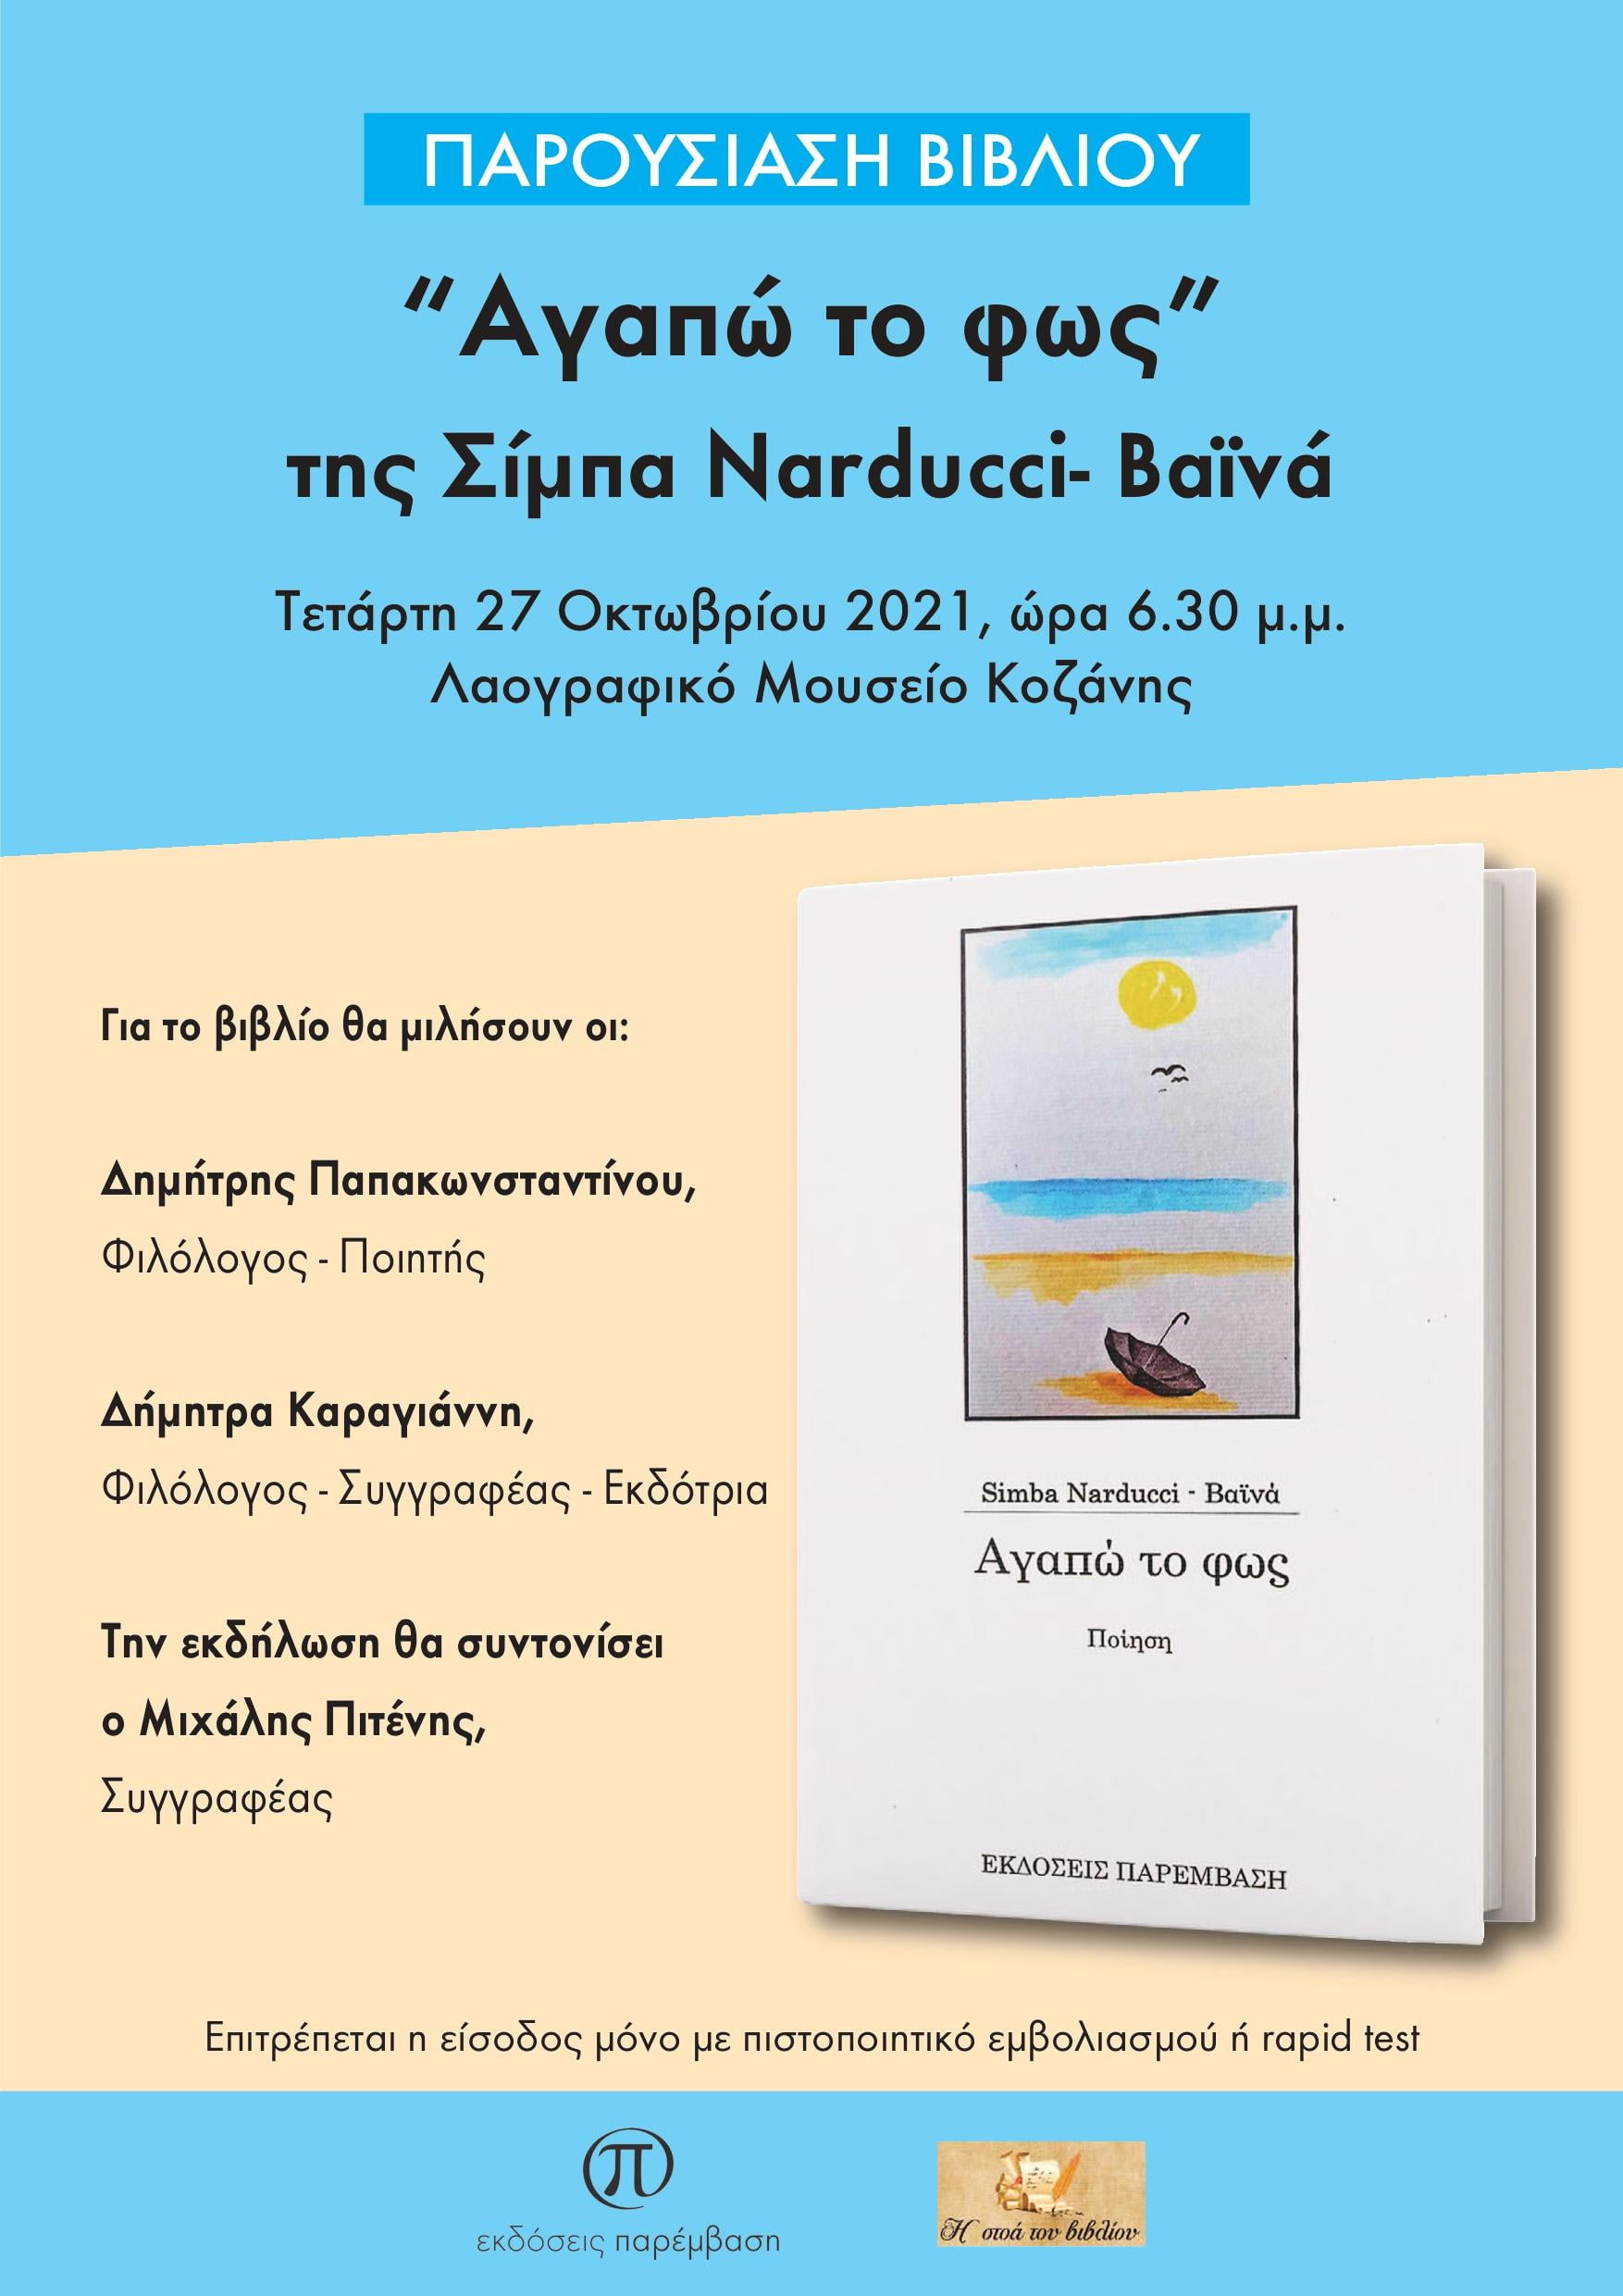 Παρουσίαση του βιβλίου της Simba Narducci – Βαϊνά «Αγαπώ το φως», στο Λαογραφικό μουσείο Κοζάνης